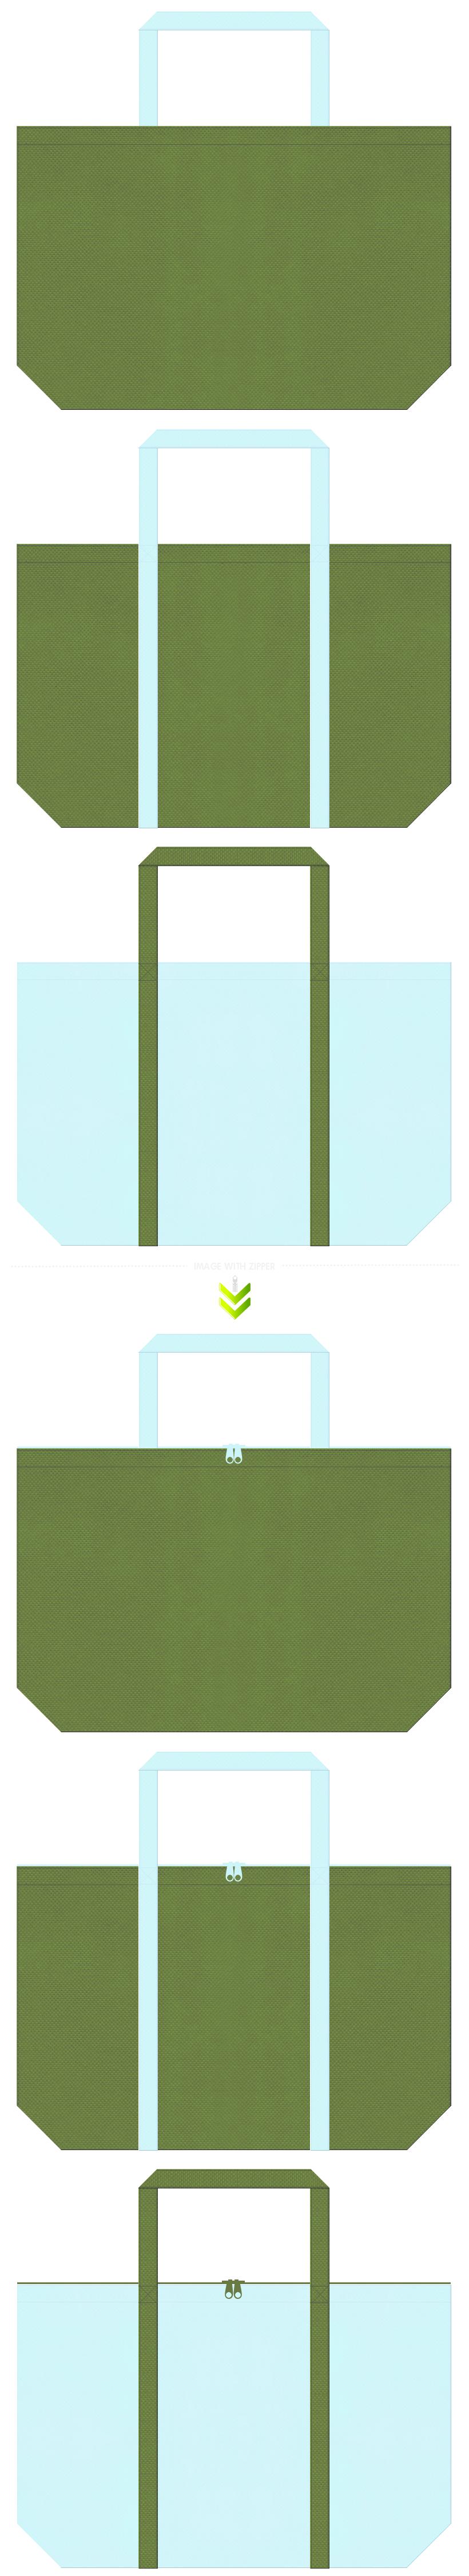 水草・ビオトープ・苔・テラリウム・和風庭園・造園用品・エクステリア・和風エコバッグにお奨めの不織布バッグデザイン:草色と水色のコーデ